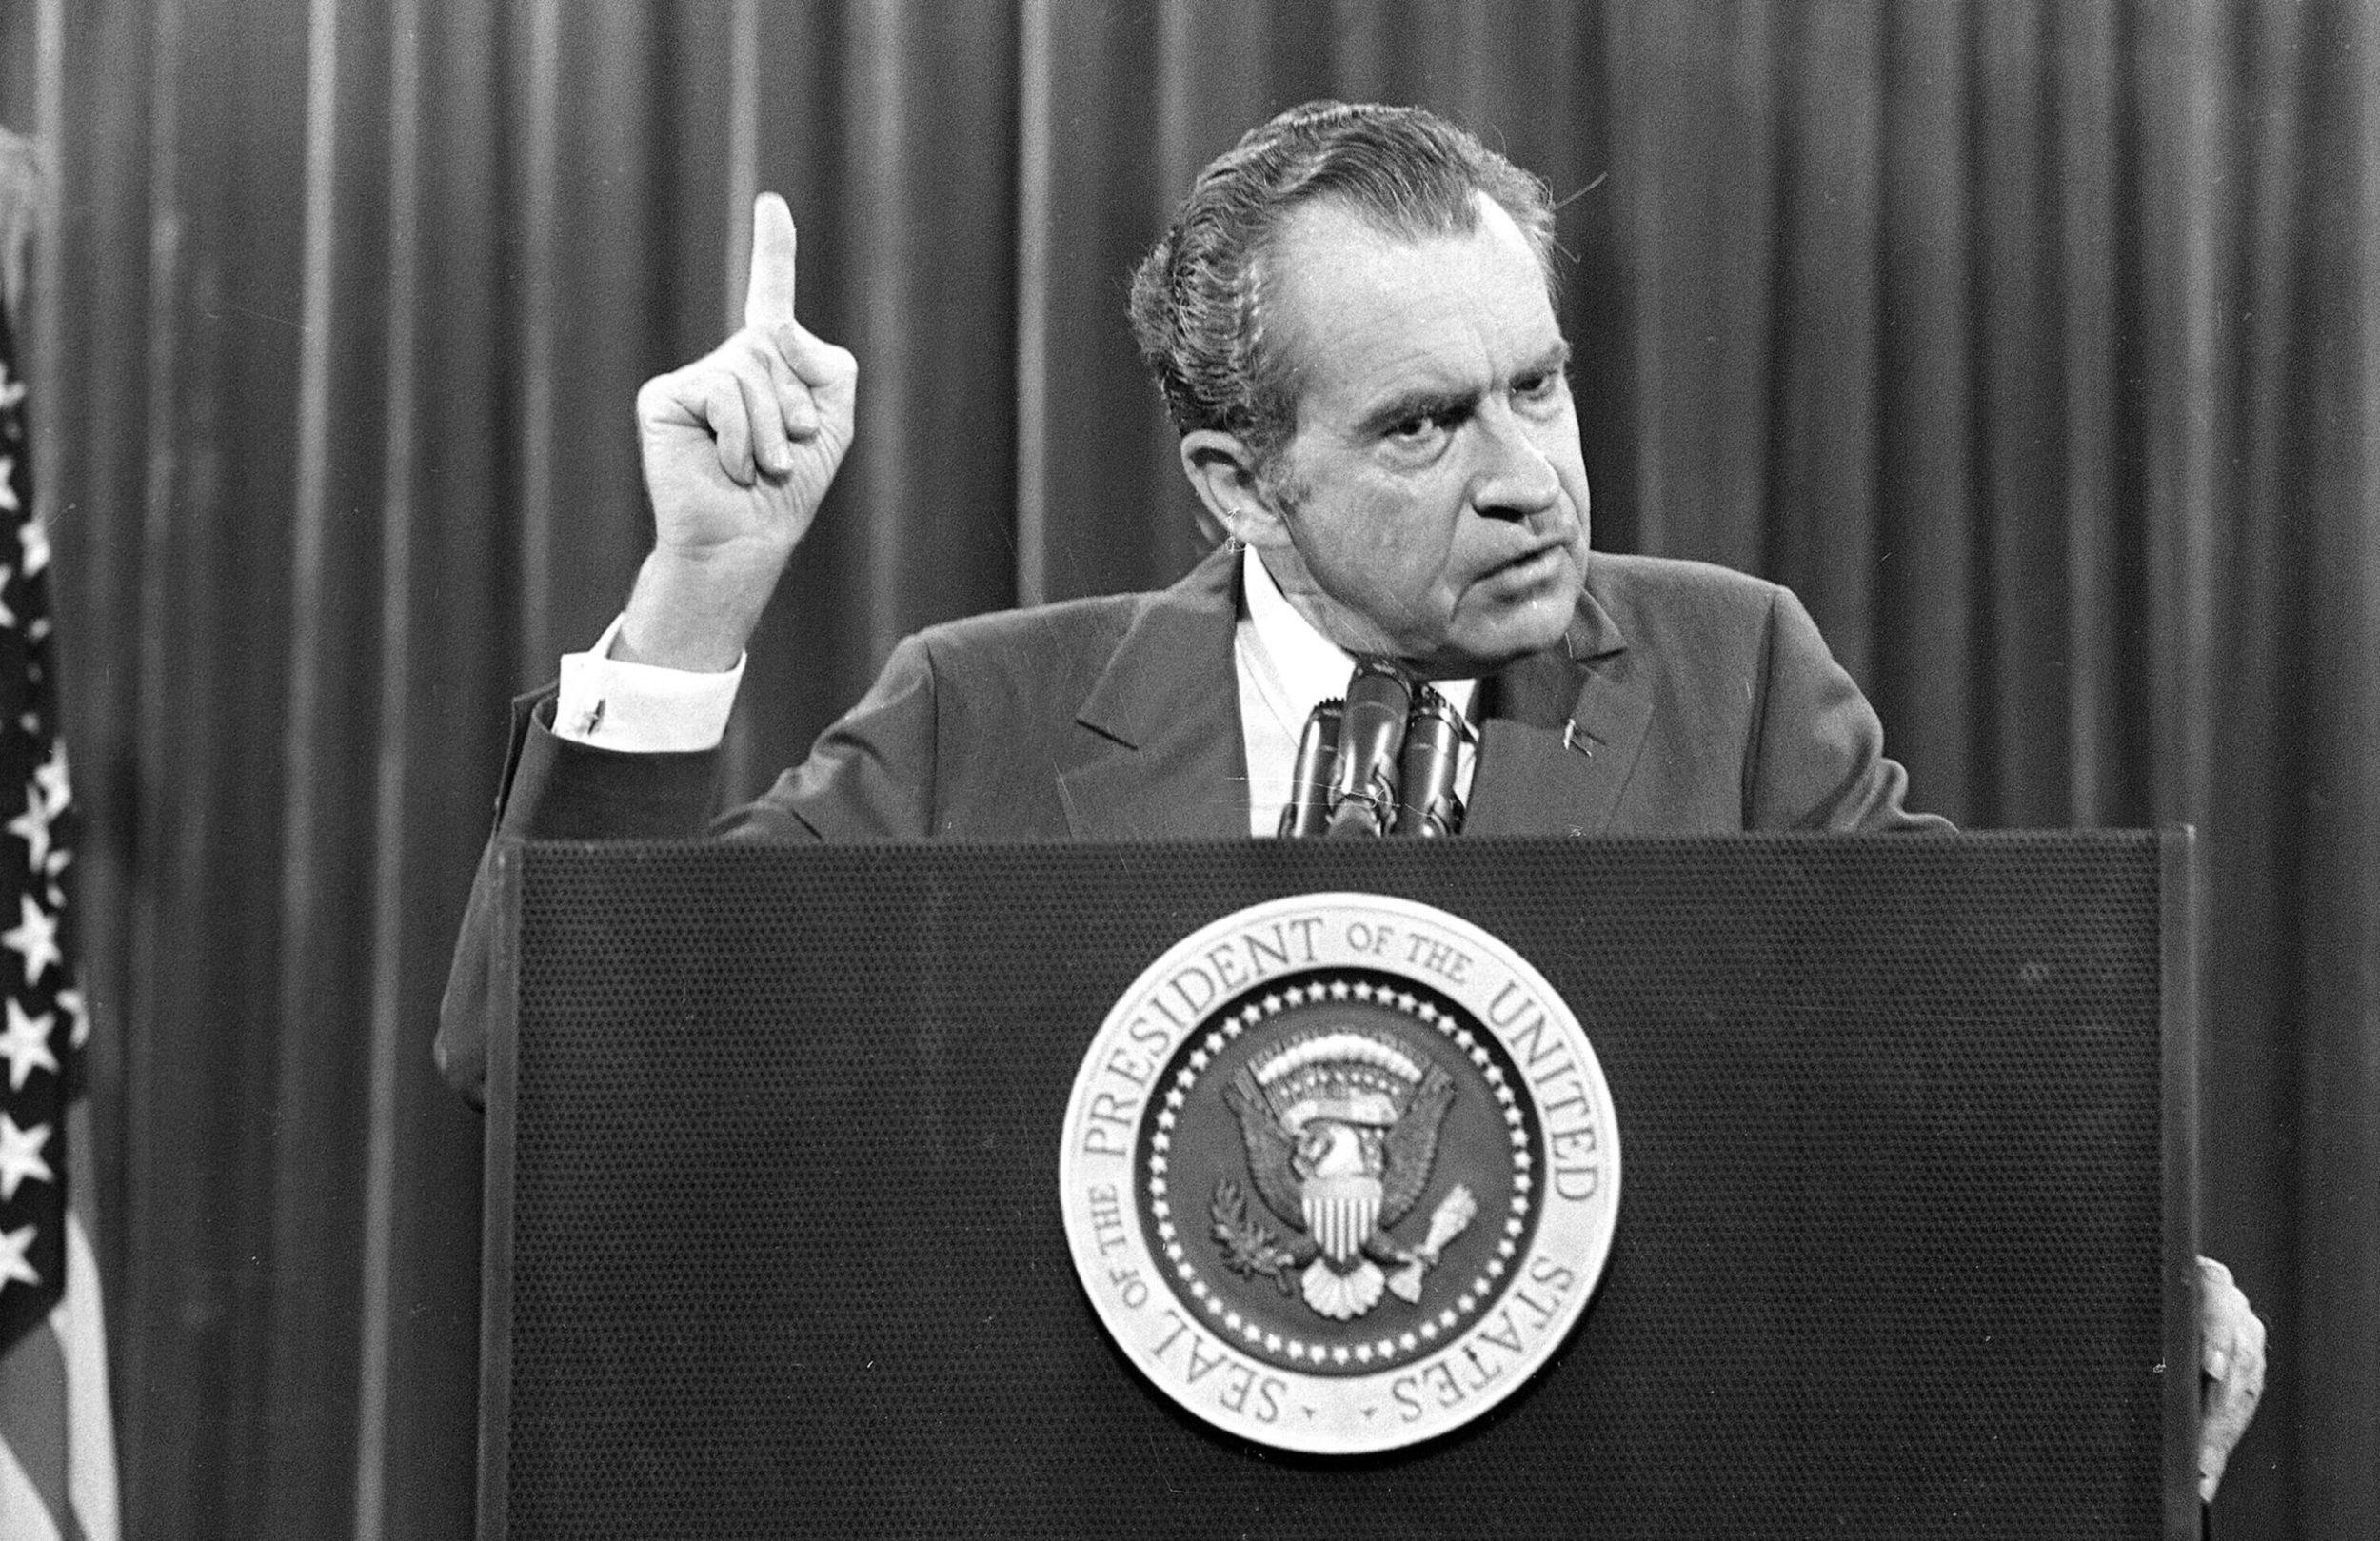 Trump_Nixon_Letters_44946-26e912f2d46c405c8dd1691e0a881b32